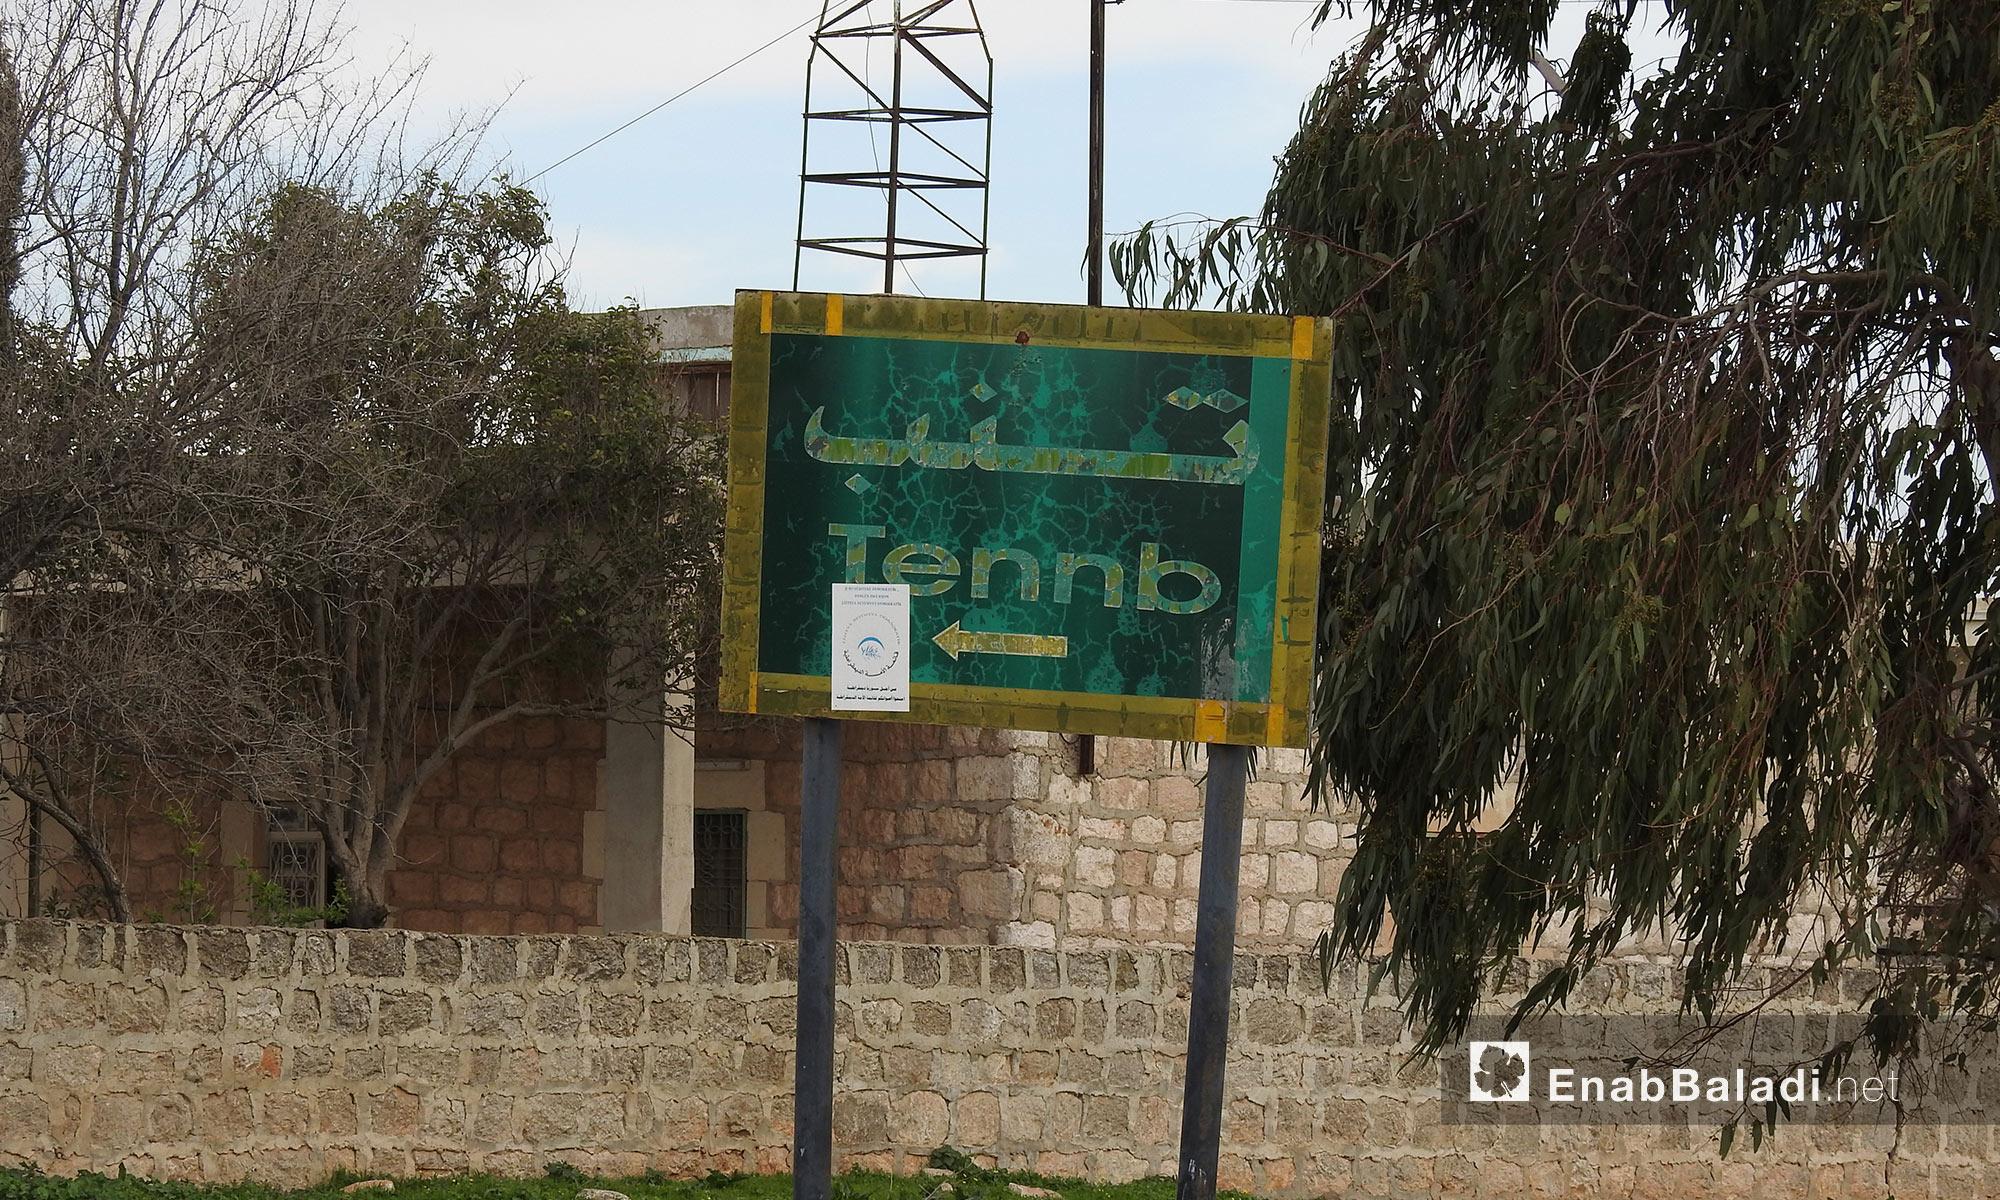 لافتة طرقية لبلدة تنب على الطريق بين قرى جلبل ومريمين وأناب في عفرين - 11 آذار 2018 (عنب بلدي)